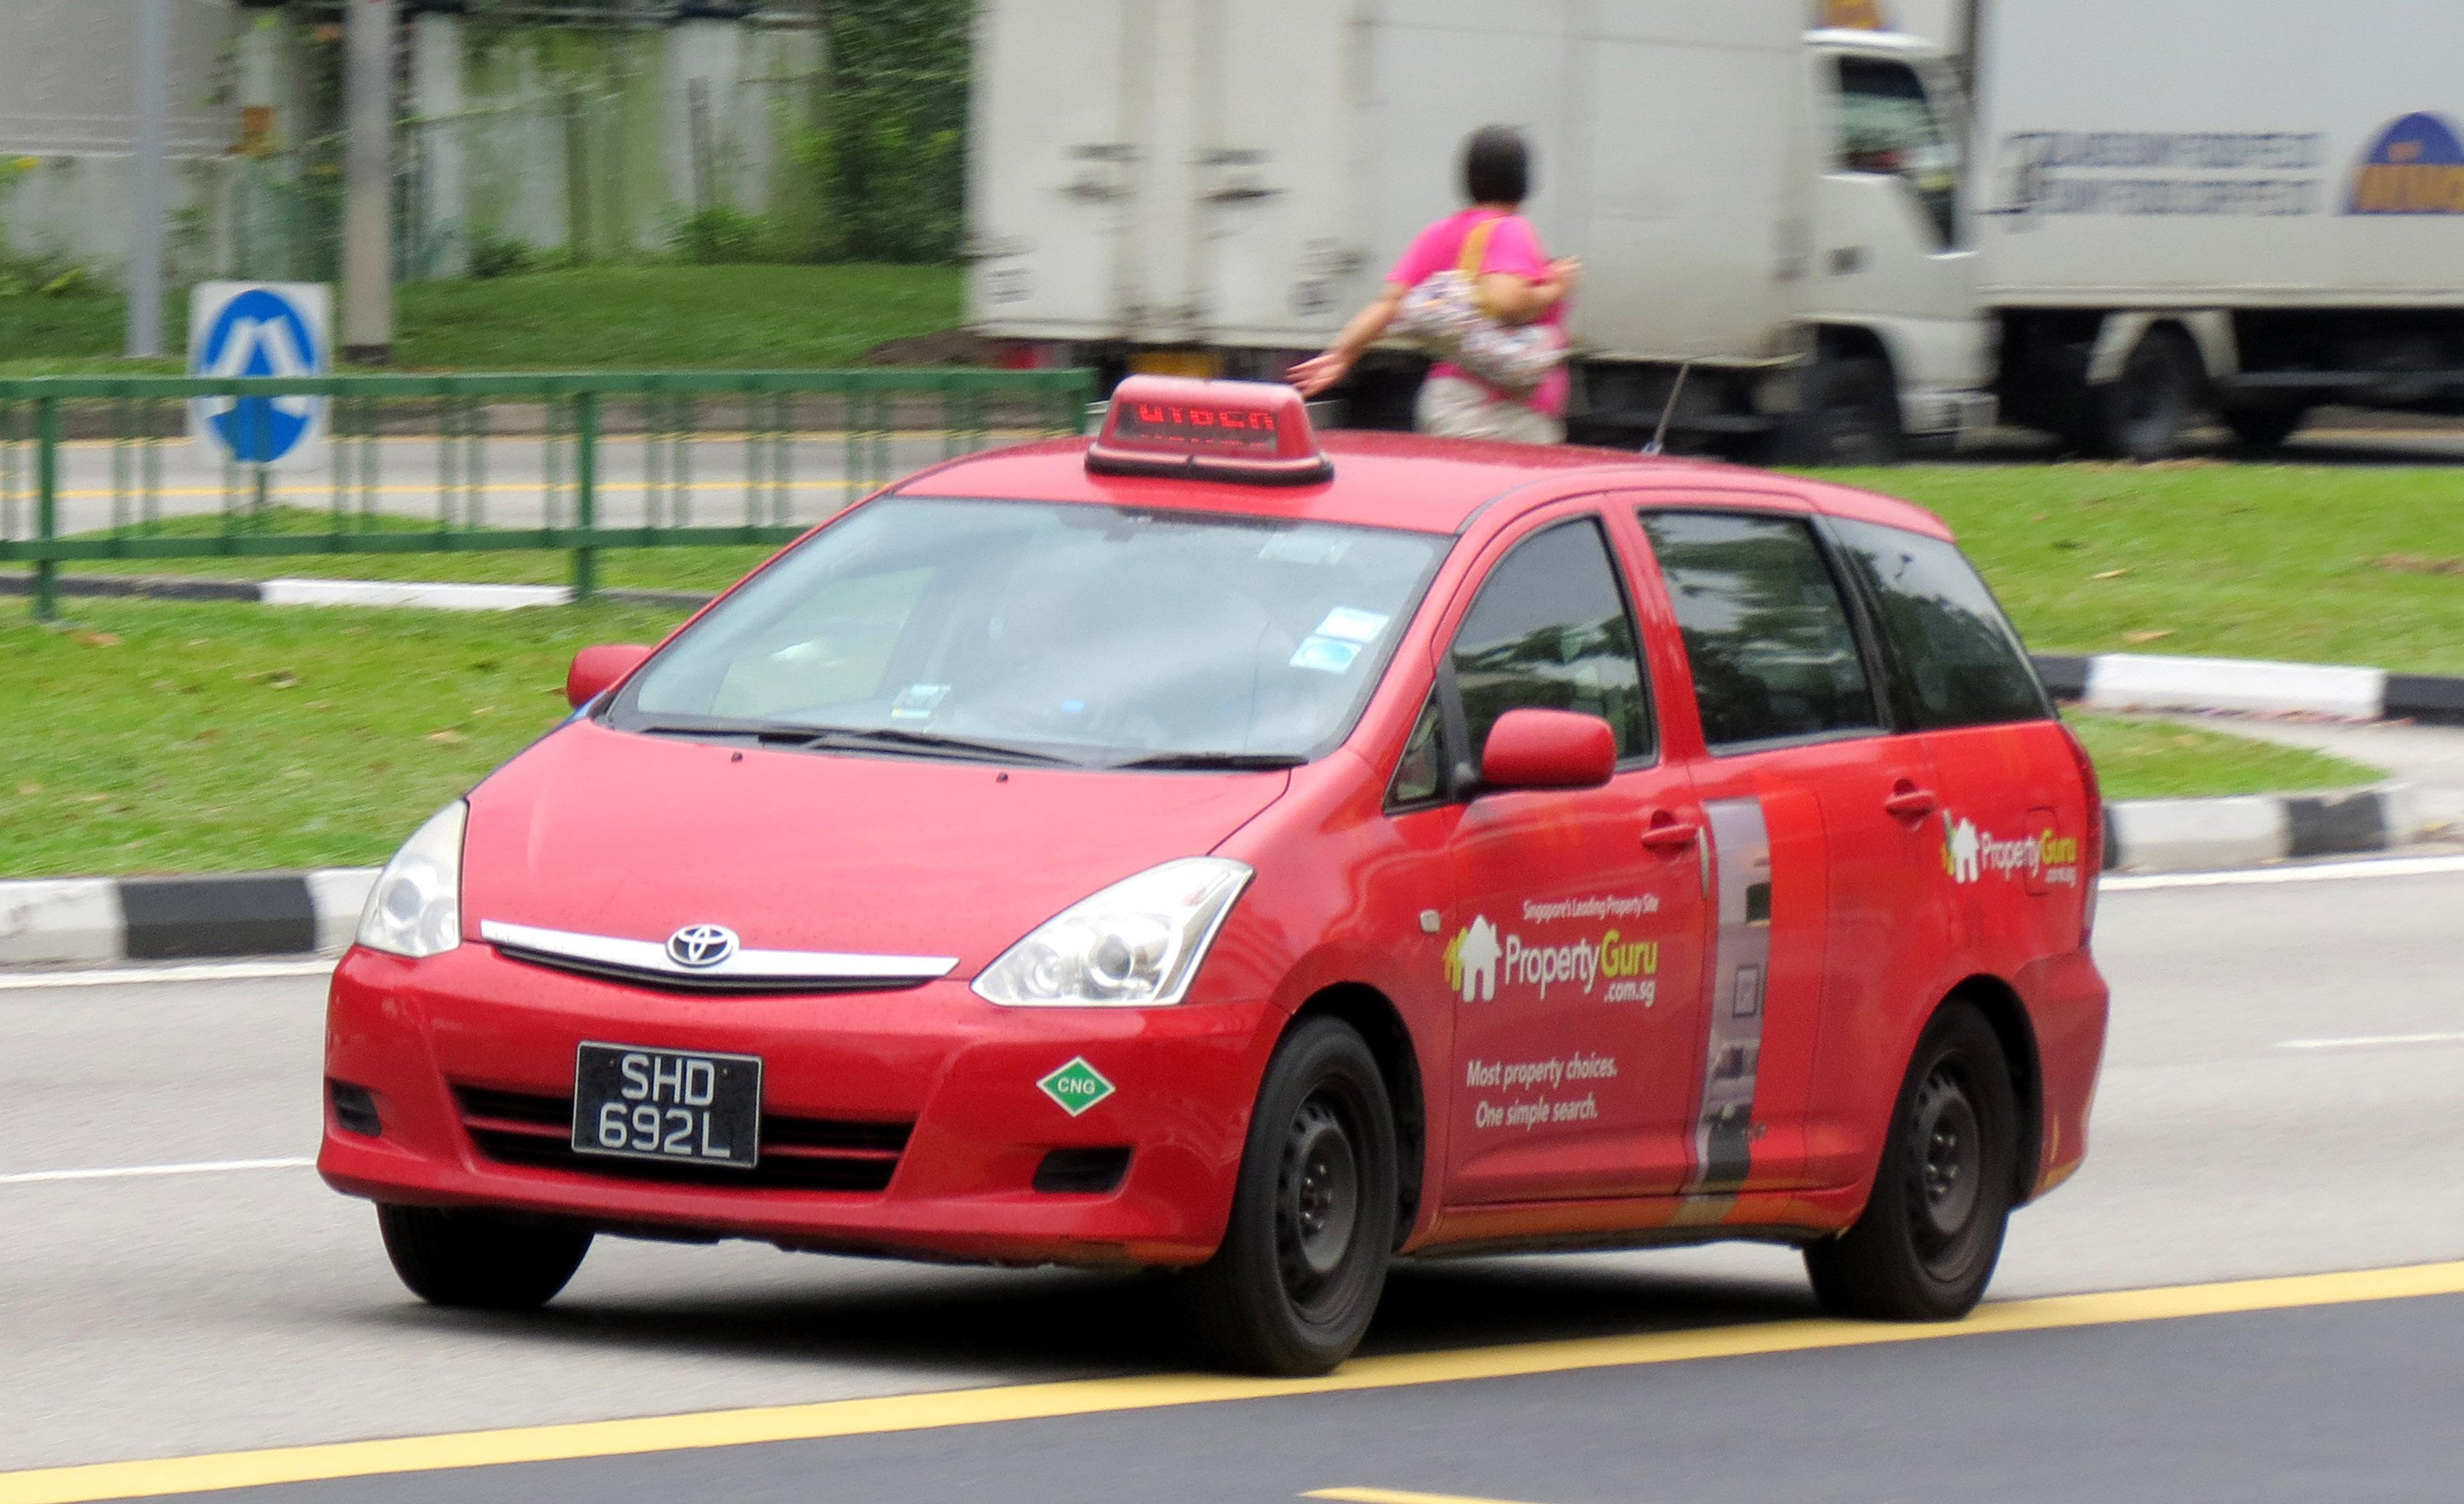 Тойота wish инструкция скачать бесплатно